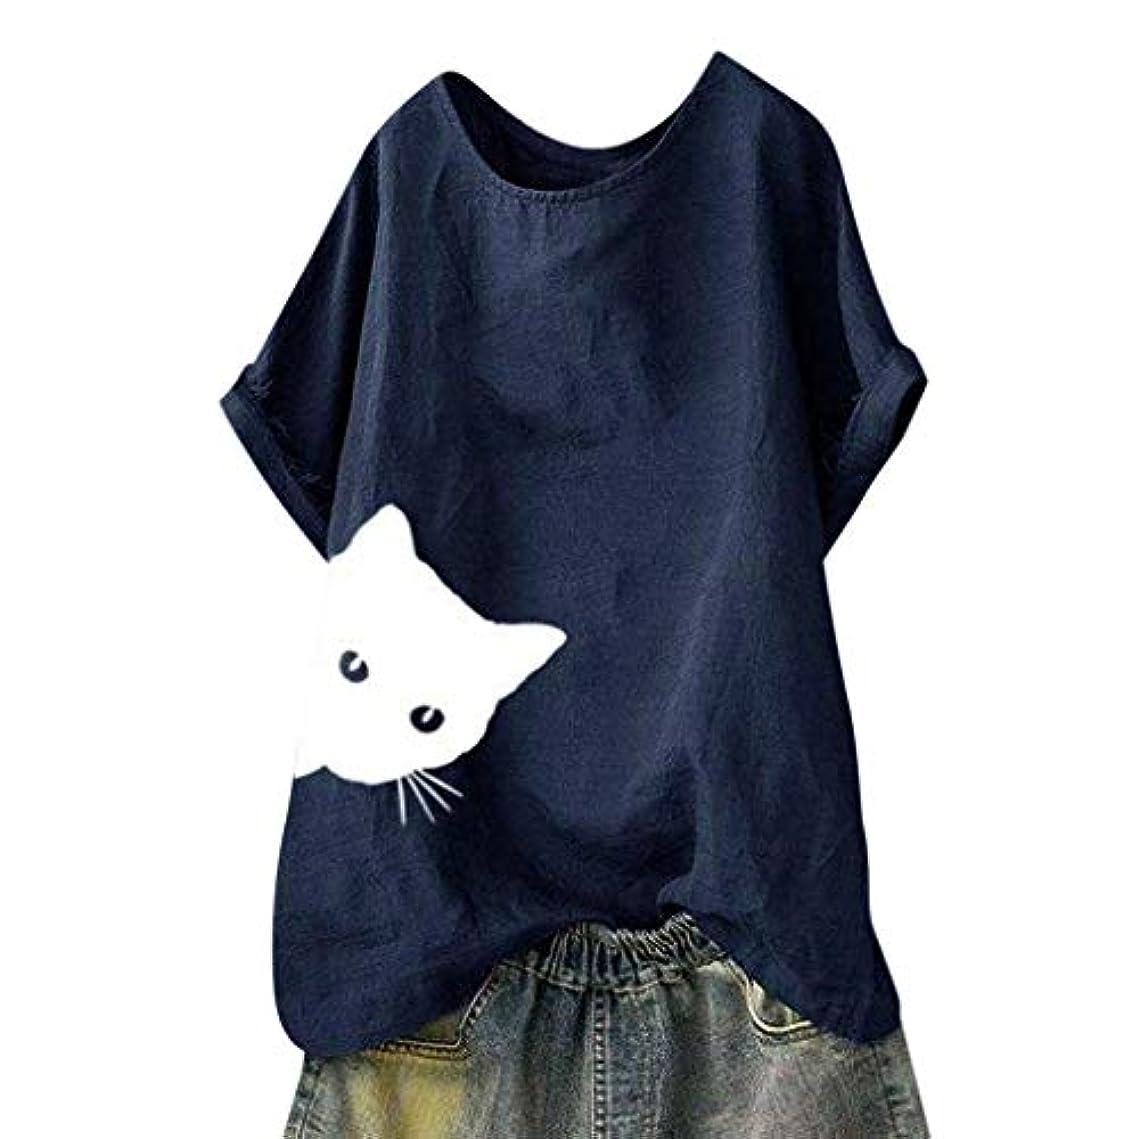 失礼な累計パン屋メンズ Tシャツ 可愛い ねこ柄 白t ストライプ模様 春夏秋 若者 気質 おしゃれ 夏服 多選択 猫模様 カジュアル 半袖 面白い 動物 ゆったり シンプル トップス 通勤 旅行 アウトドア tシャツ 人気